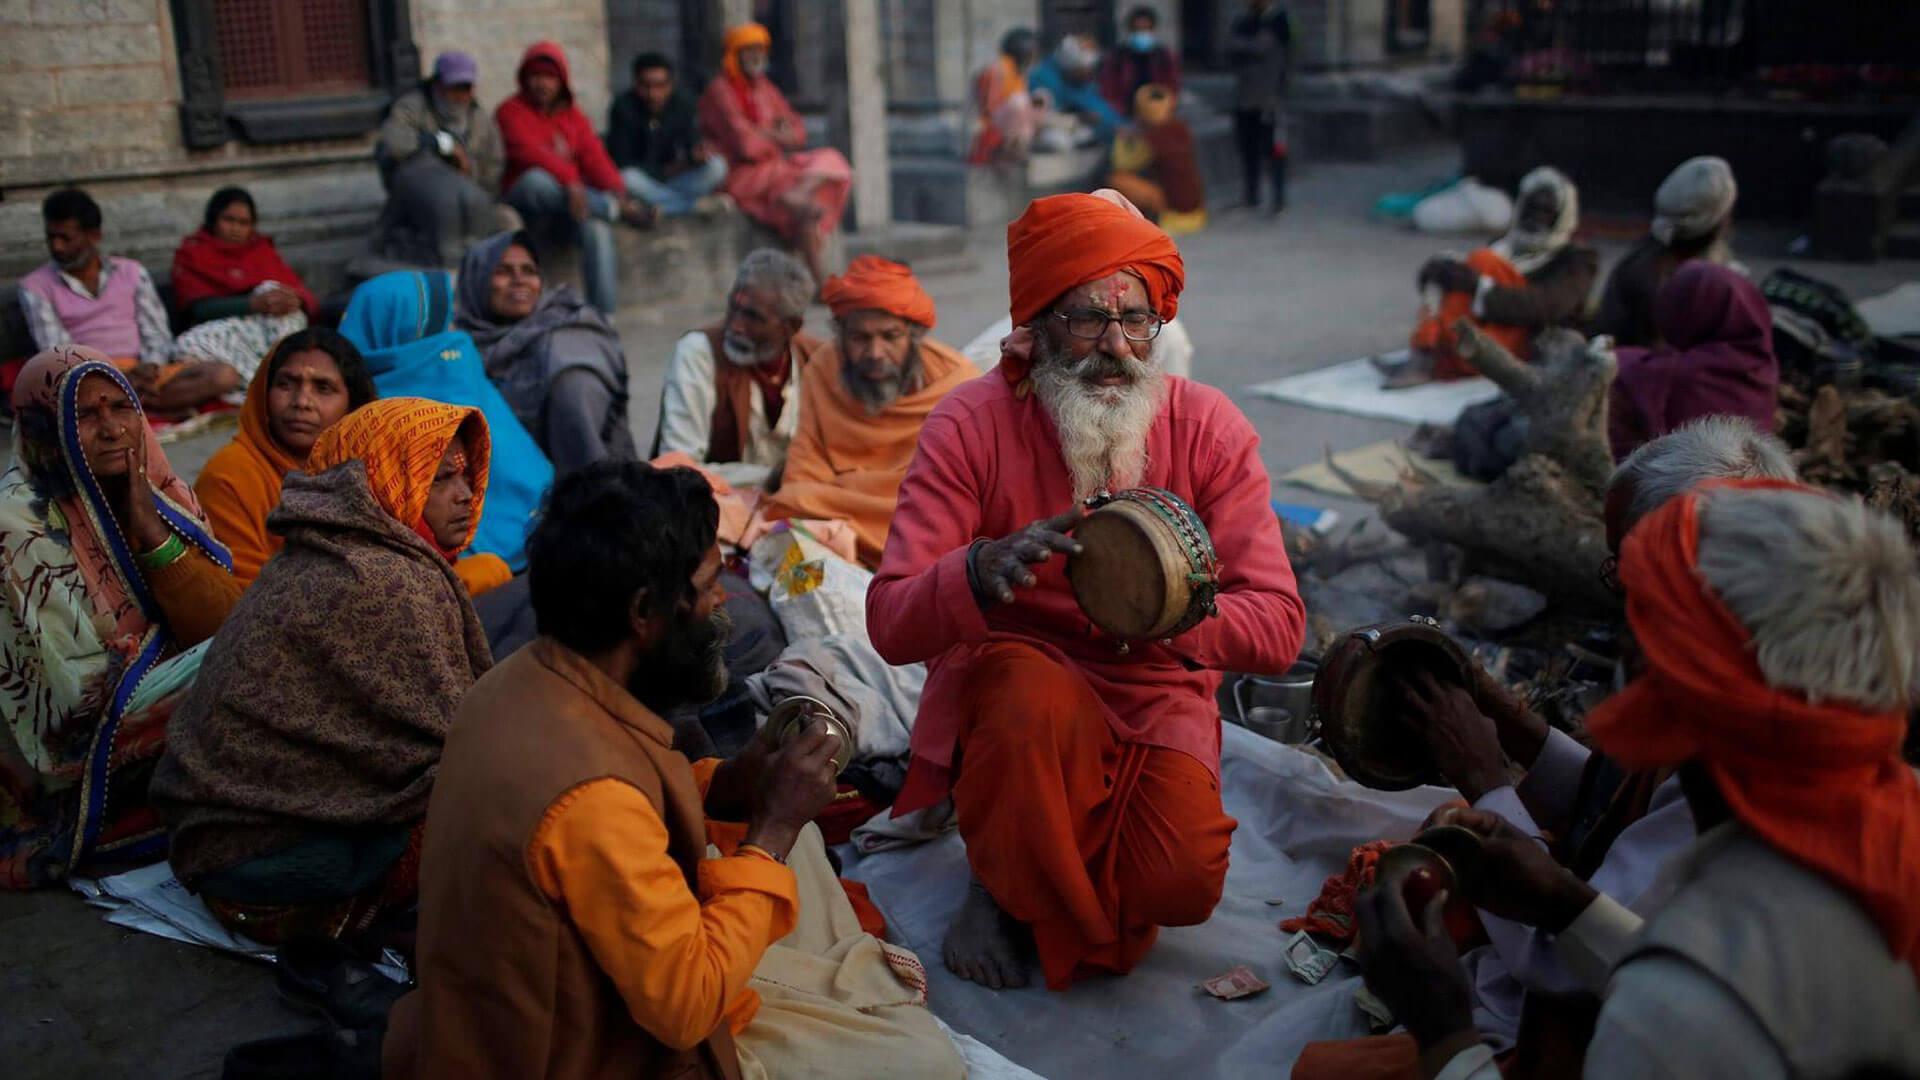 Maha Shivratri Festival in India: 2020 Maha Shivaratri - Adotrip